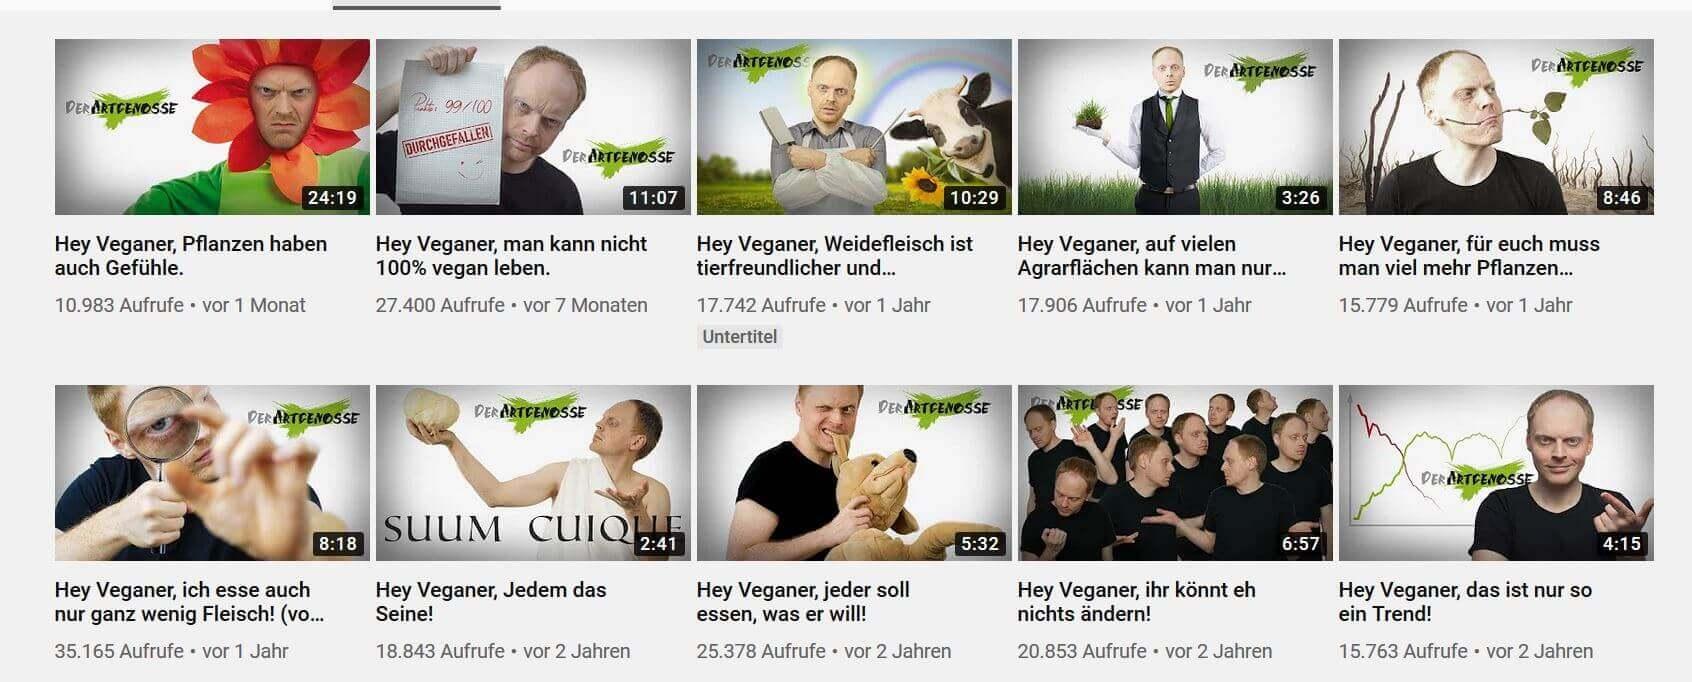 Youtube-Kanal von der Artgenosse